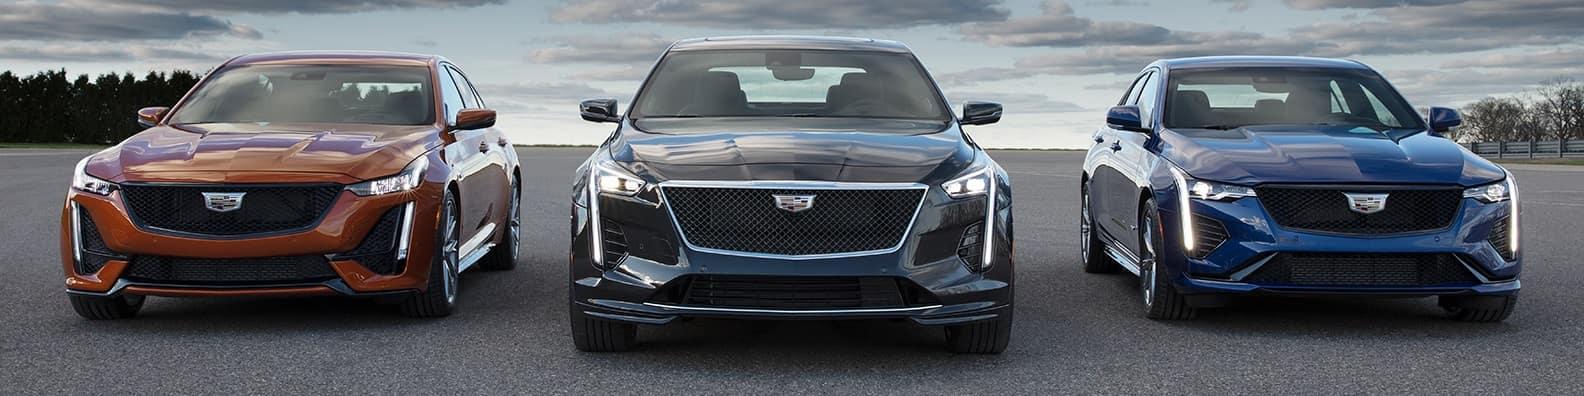 2020 Cadillac Lineup